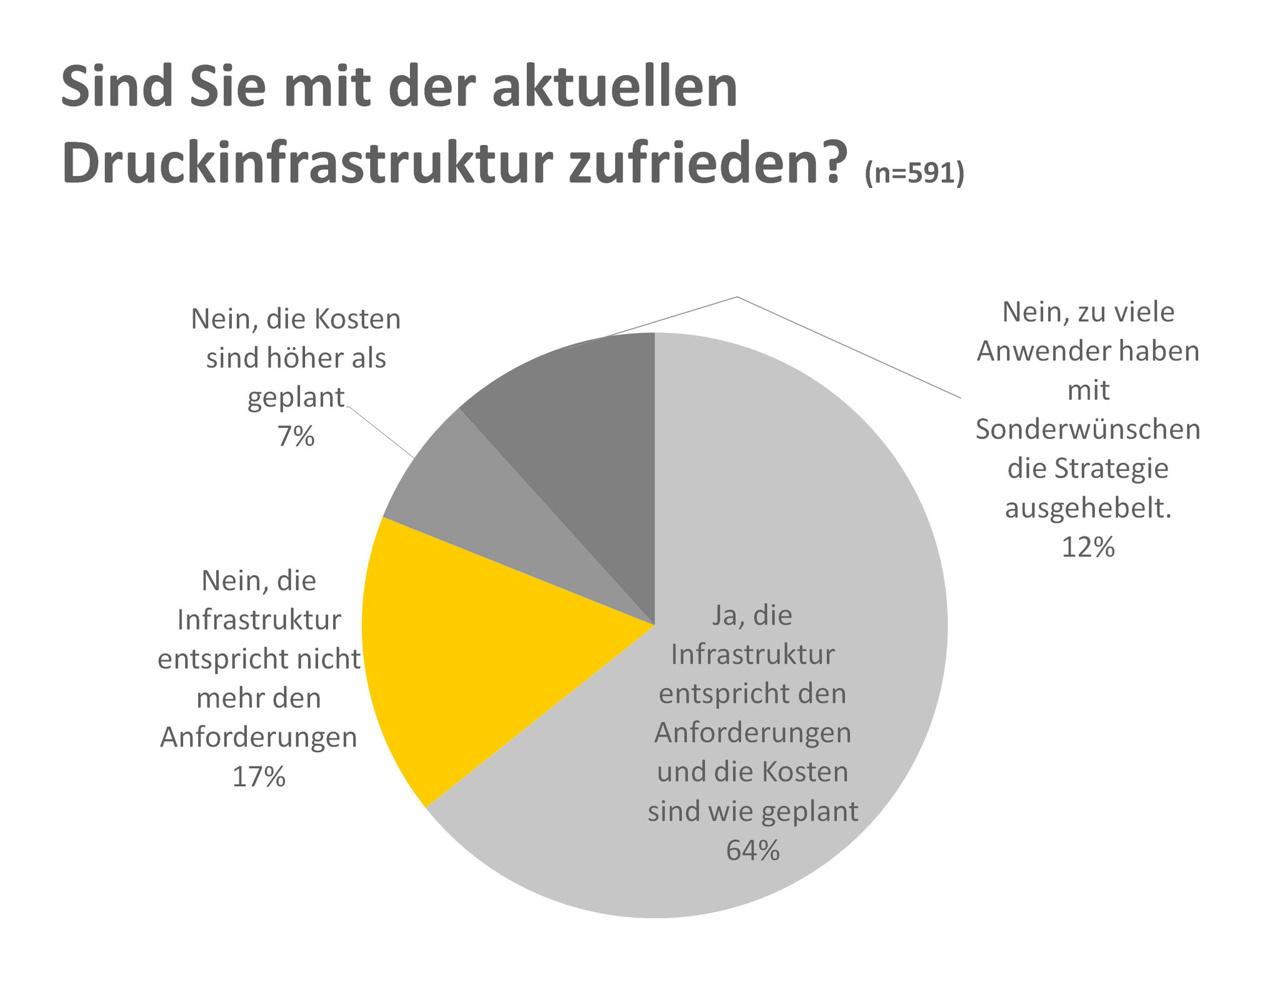 """Das Beratungsunternehmen <a href=""""http://www.dokulife.de"""" target=""""extern"""">Dokulife</a> hat im Auftrag von <a href=""""http://www.brother.de"""" target=""""extern"""">Brother</a> im Rahmen einer als <a href=""""http://www.brother.de/printerumfrage"""" target=""""extern"""">Printerumfrage11</a> bezeichneten Erhebung rund 6100 durch Hinweise über IT-Zeitschriften und -Portale rekrutierte Menschen aus Deutschland, Österreich und der Schweiz zum Drucken in Firmen befragt. Besonders interessant ist der Vergleich zwischen den Antworten der fast 600 befragten Administratoren und den Antworten der von ihnen betreuten Anwender. Für rund zwei Drittel der Admins ist die Welt in Bezug auf die Druckinfrastruktur in Ordnung (Grafik: Dokulife/Brother)."""